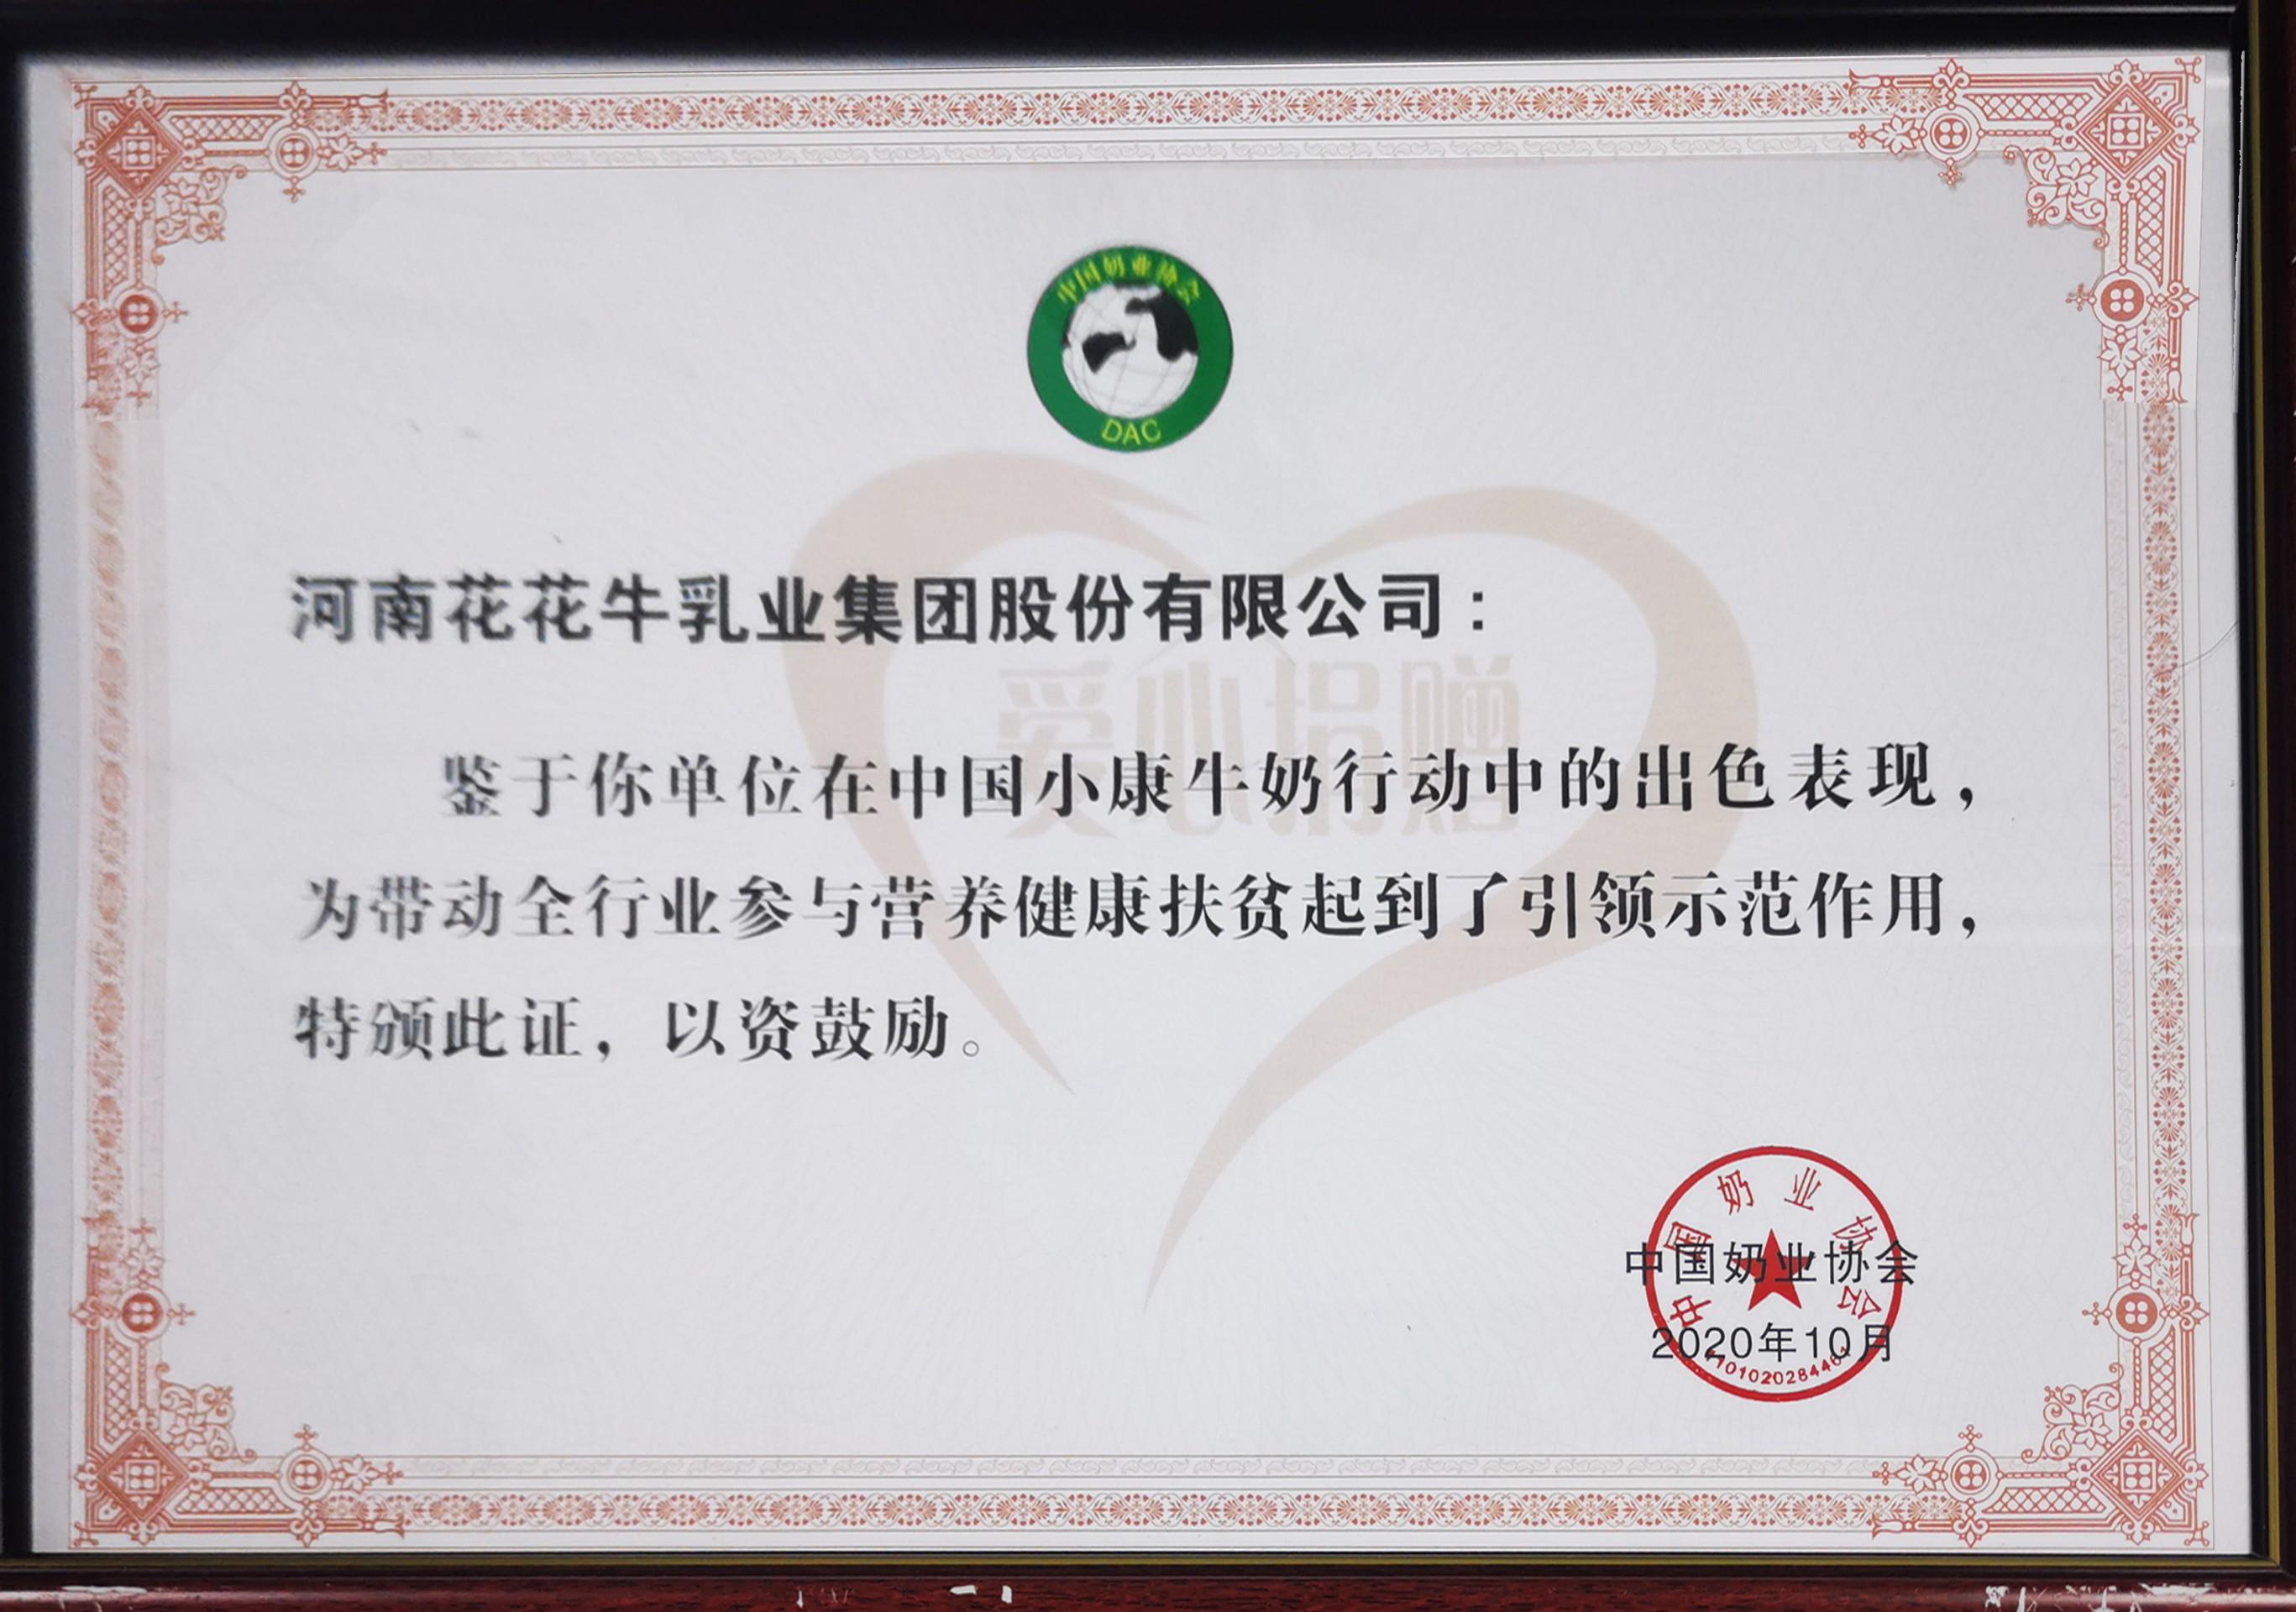 中国小康牛奶行动 · 爱心捐赠企业